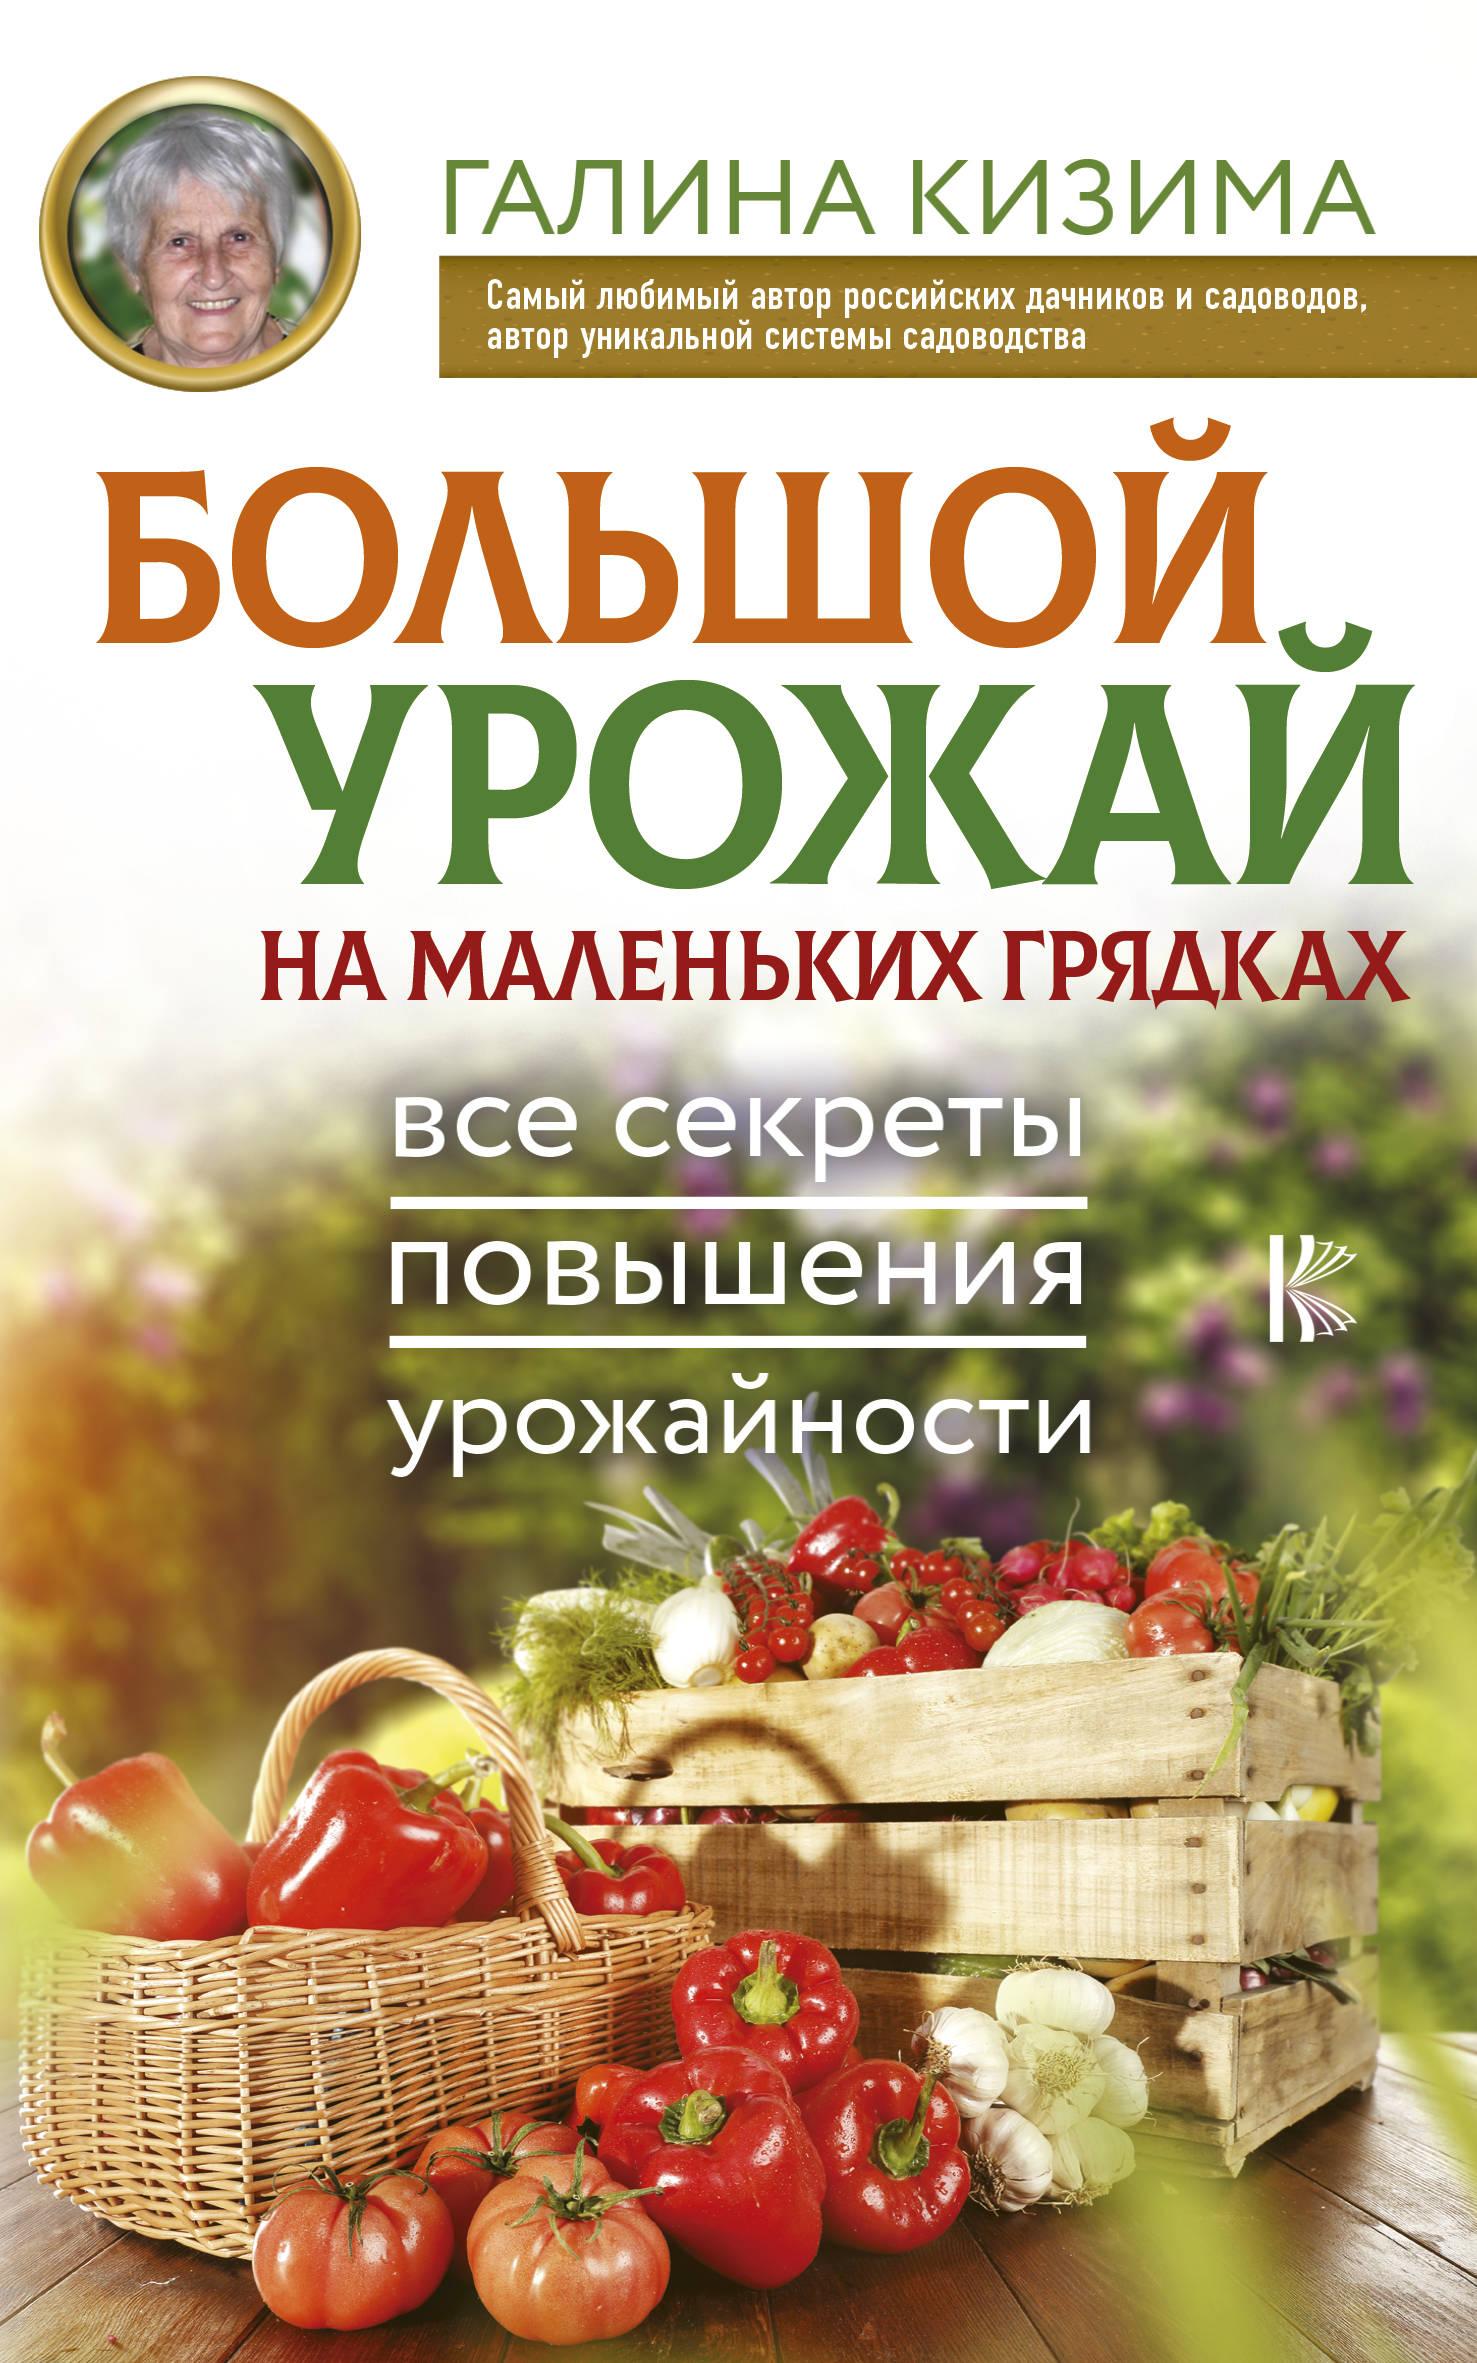 Кизима Галина Александровна Большой урожай на маленьких грядках. Все секреты повышения урожайности